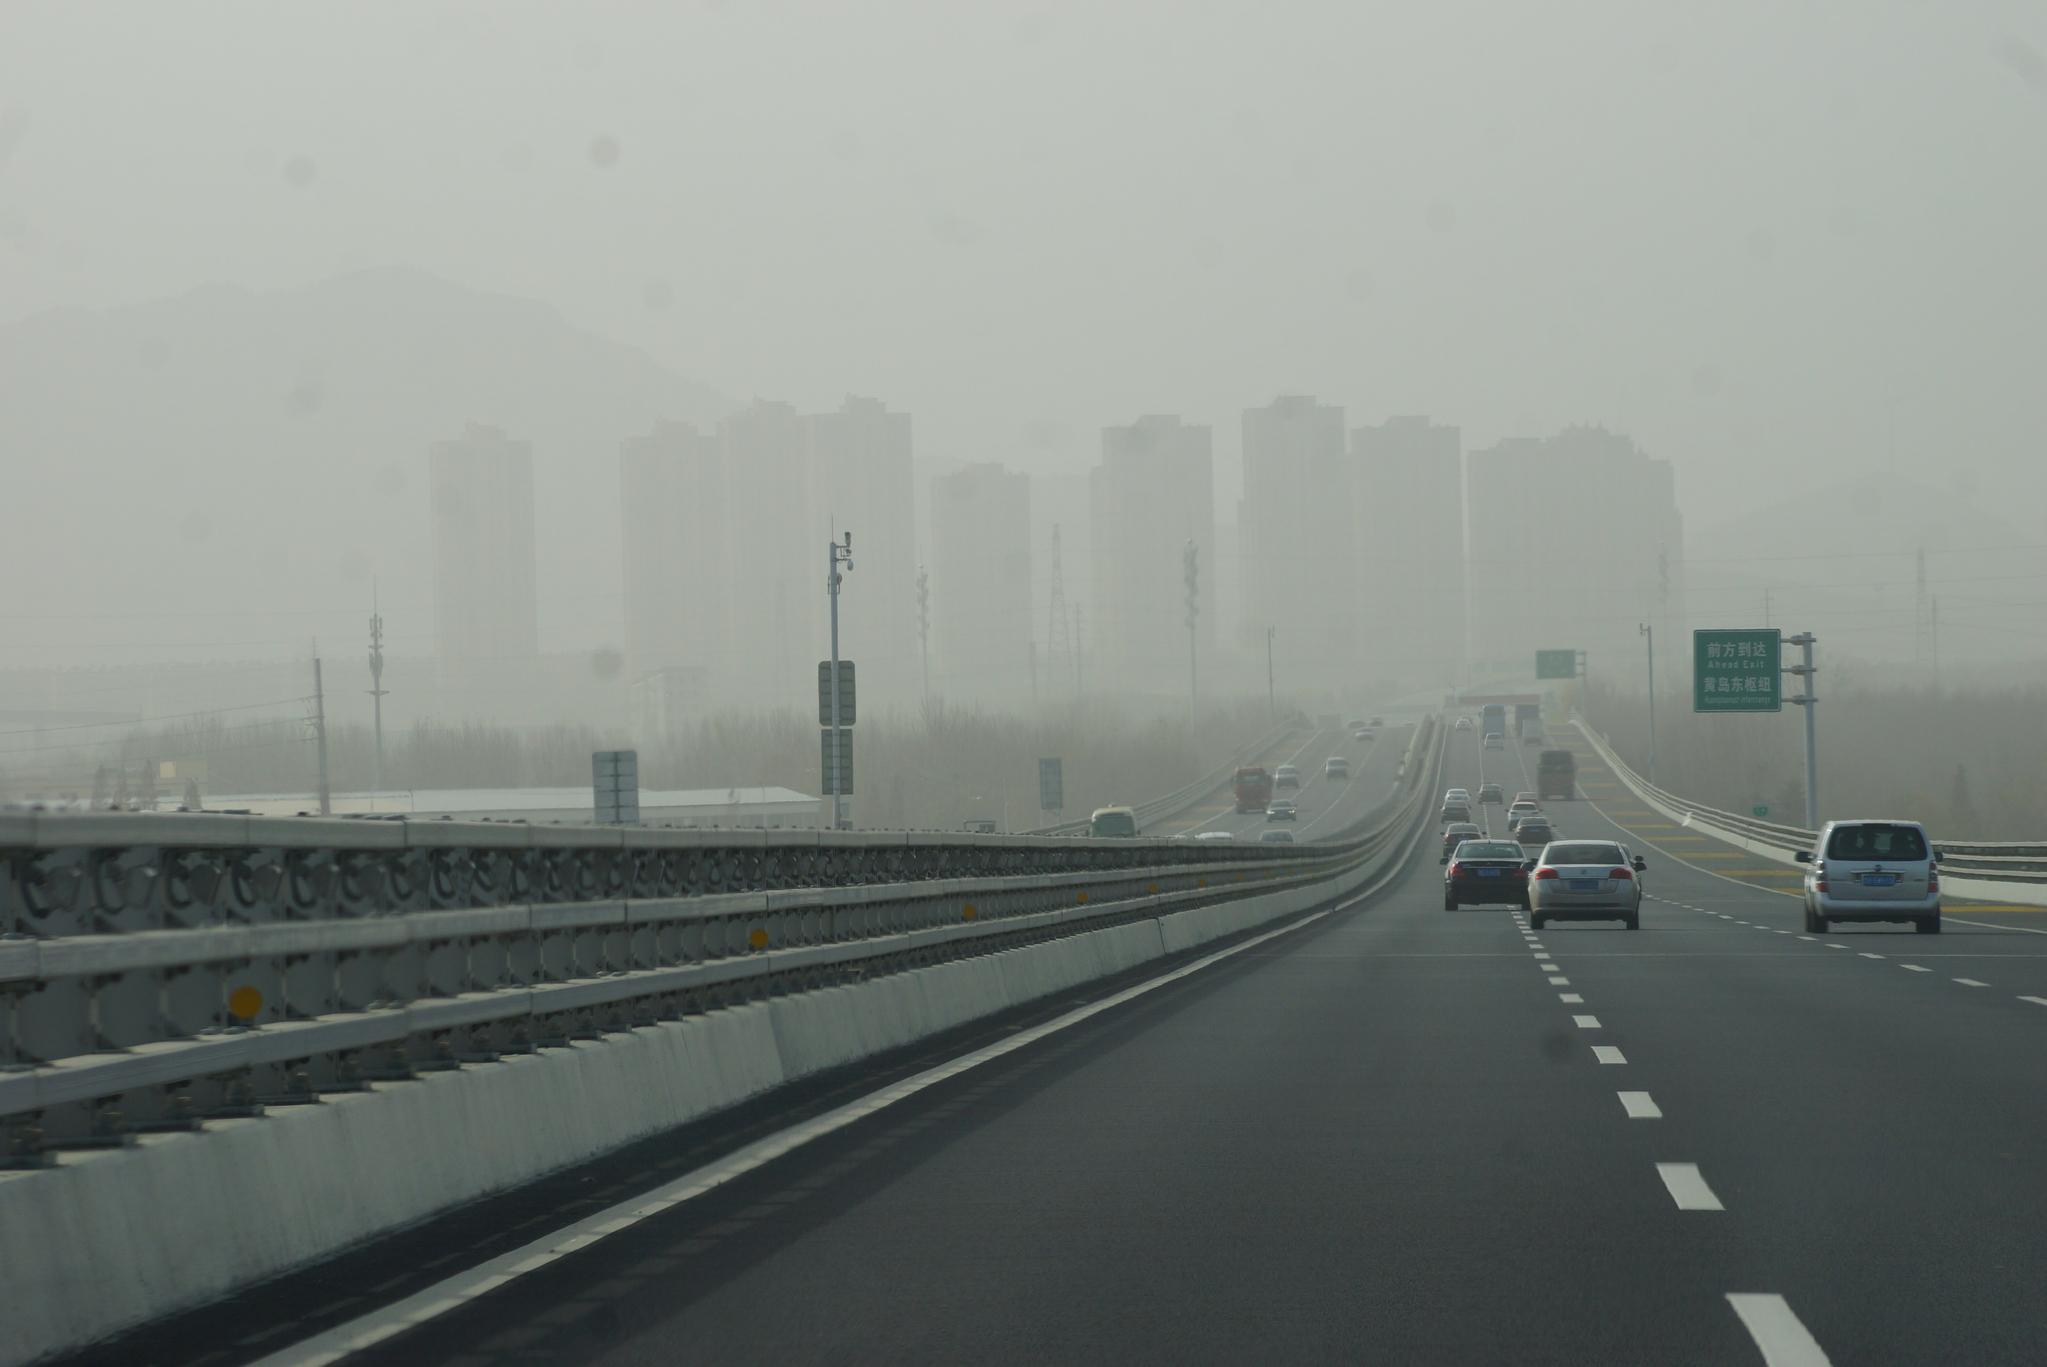 중국 산둥성 칭다오 인근 고속도로. 주변에 새로 들어서고 있는 아파트 단지들이 스모그에 쌓여 있다. 칭다오=강찬수 기자